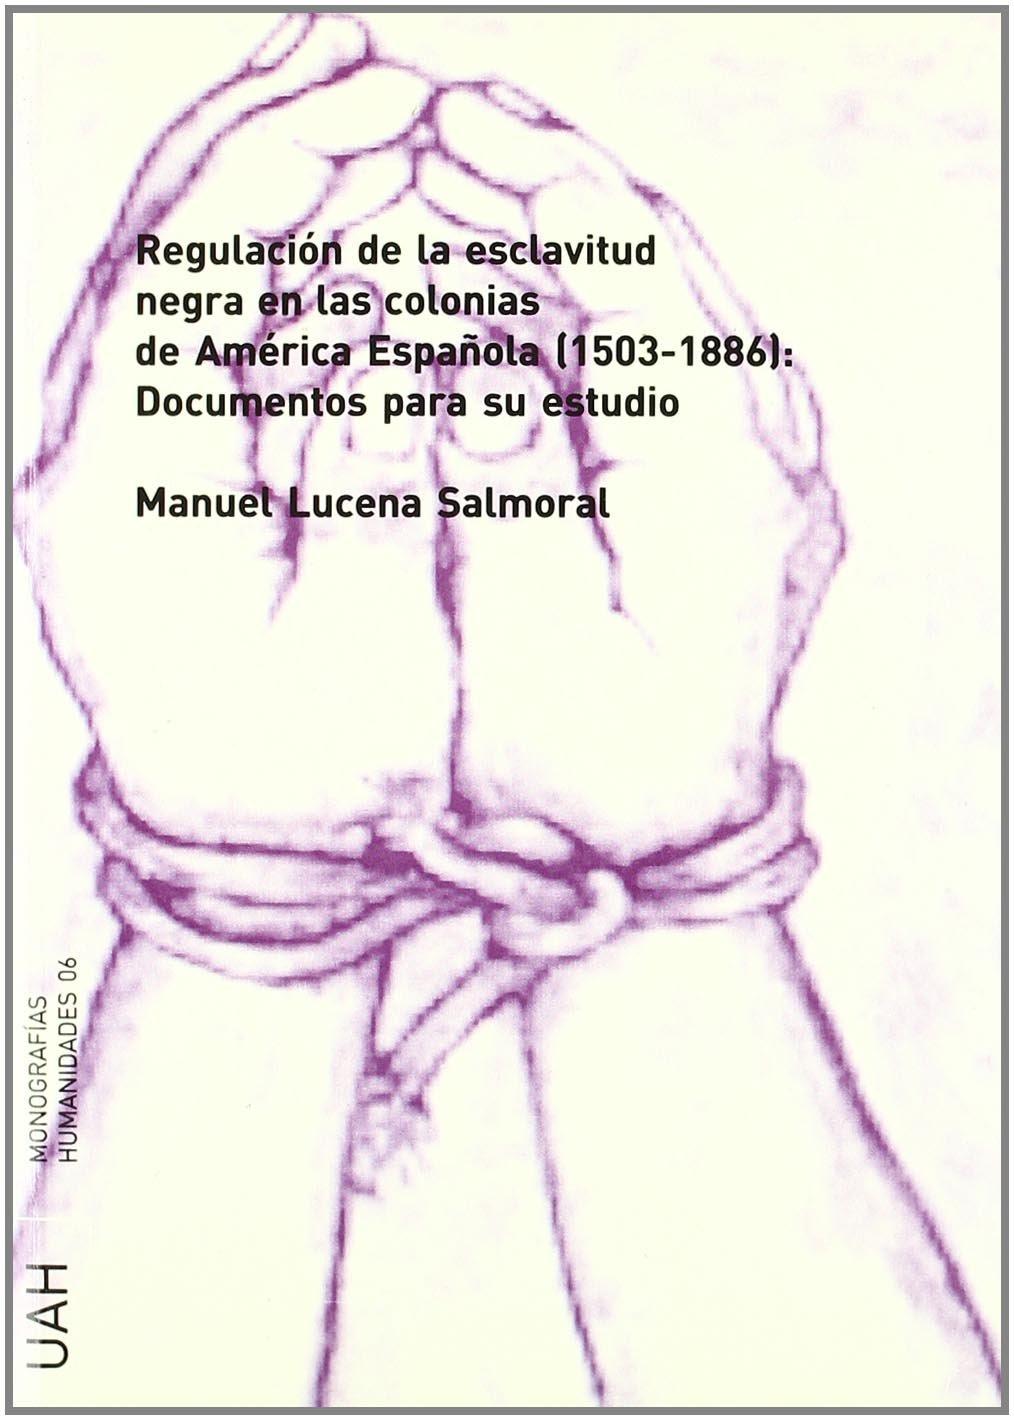 Regulacion de la esclavitud negra en las colonias de america española 1501-1886 : documentos para su estudio: Amazon.es: Manuel Lucena Salmoral: Libros